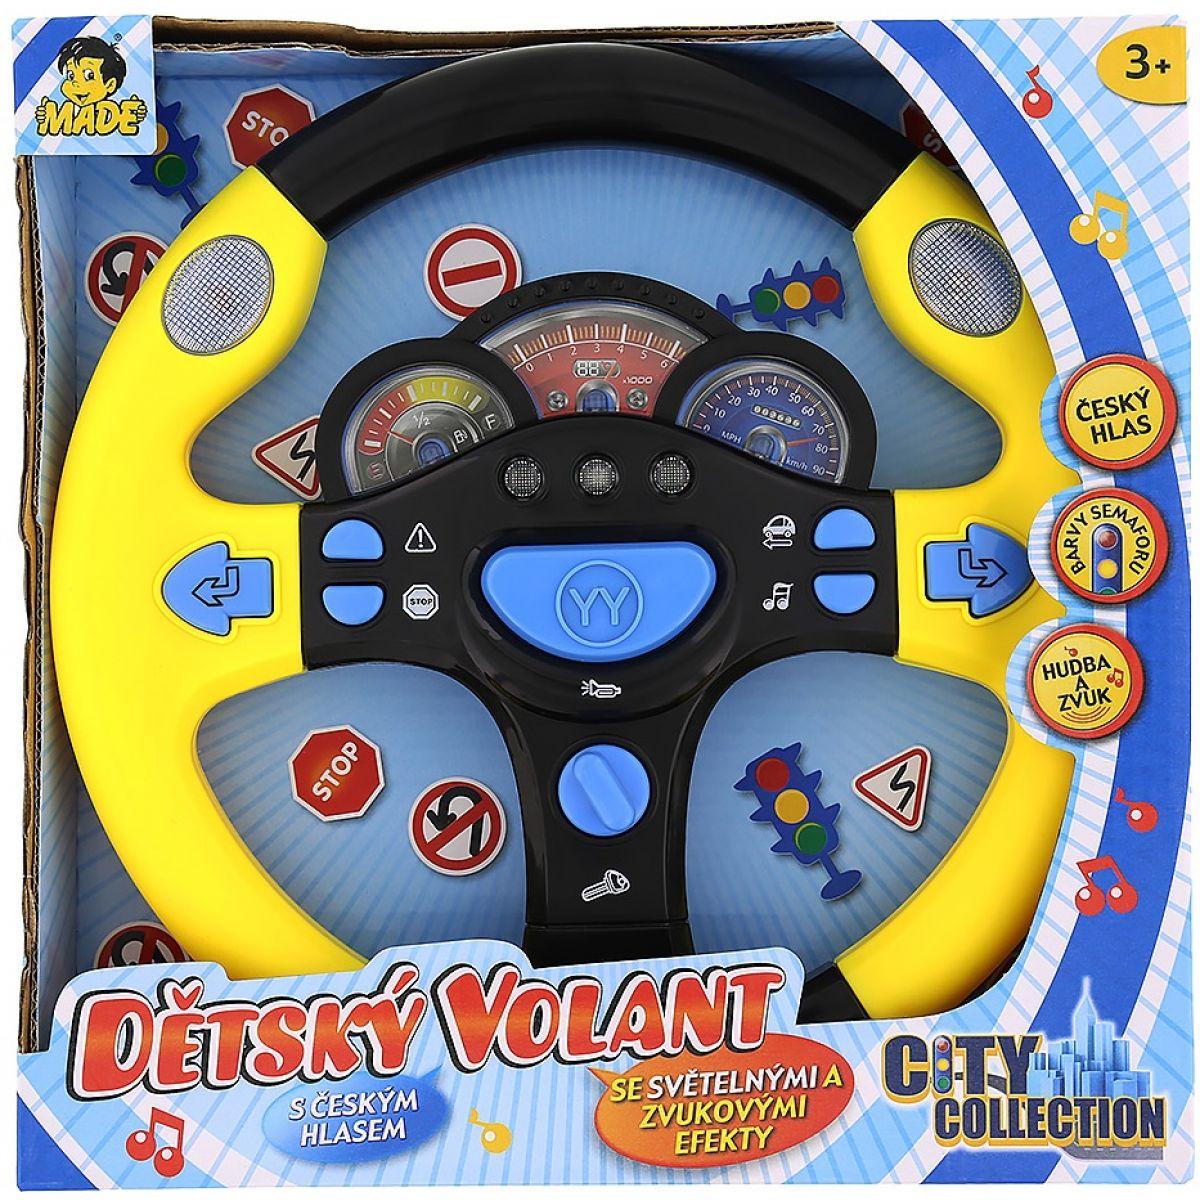 Made Dětský mluvící volant - Žlutá